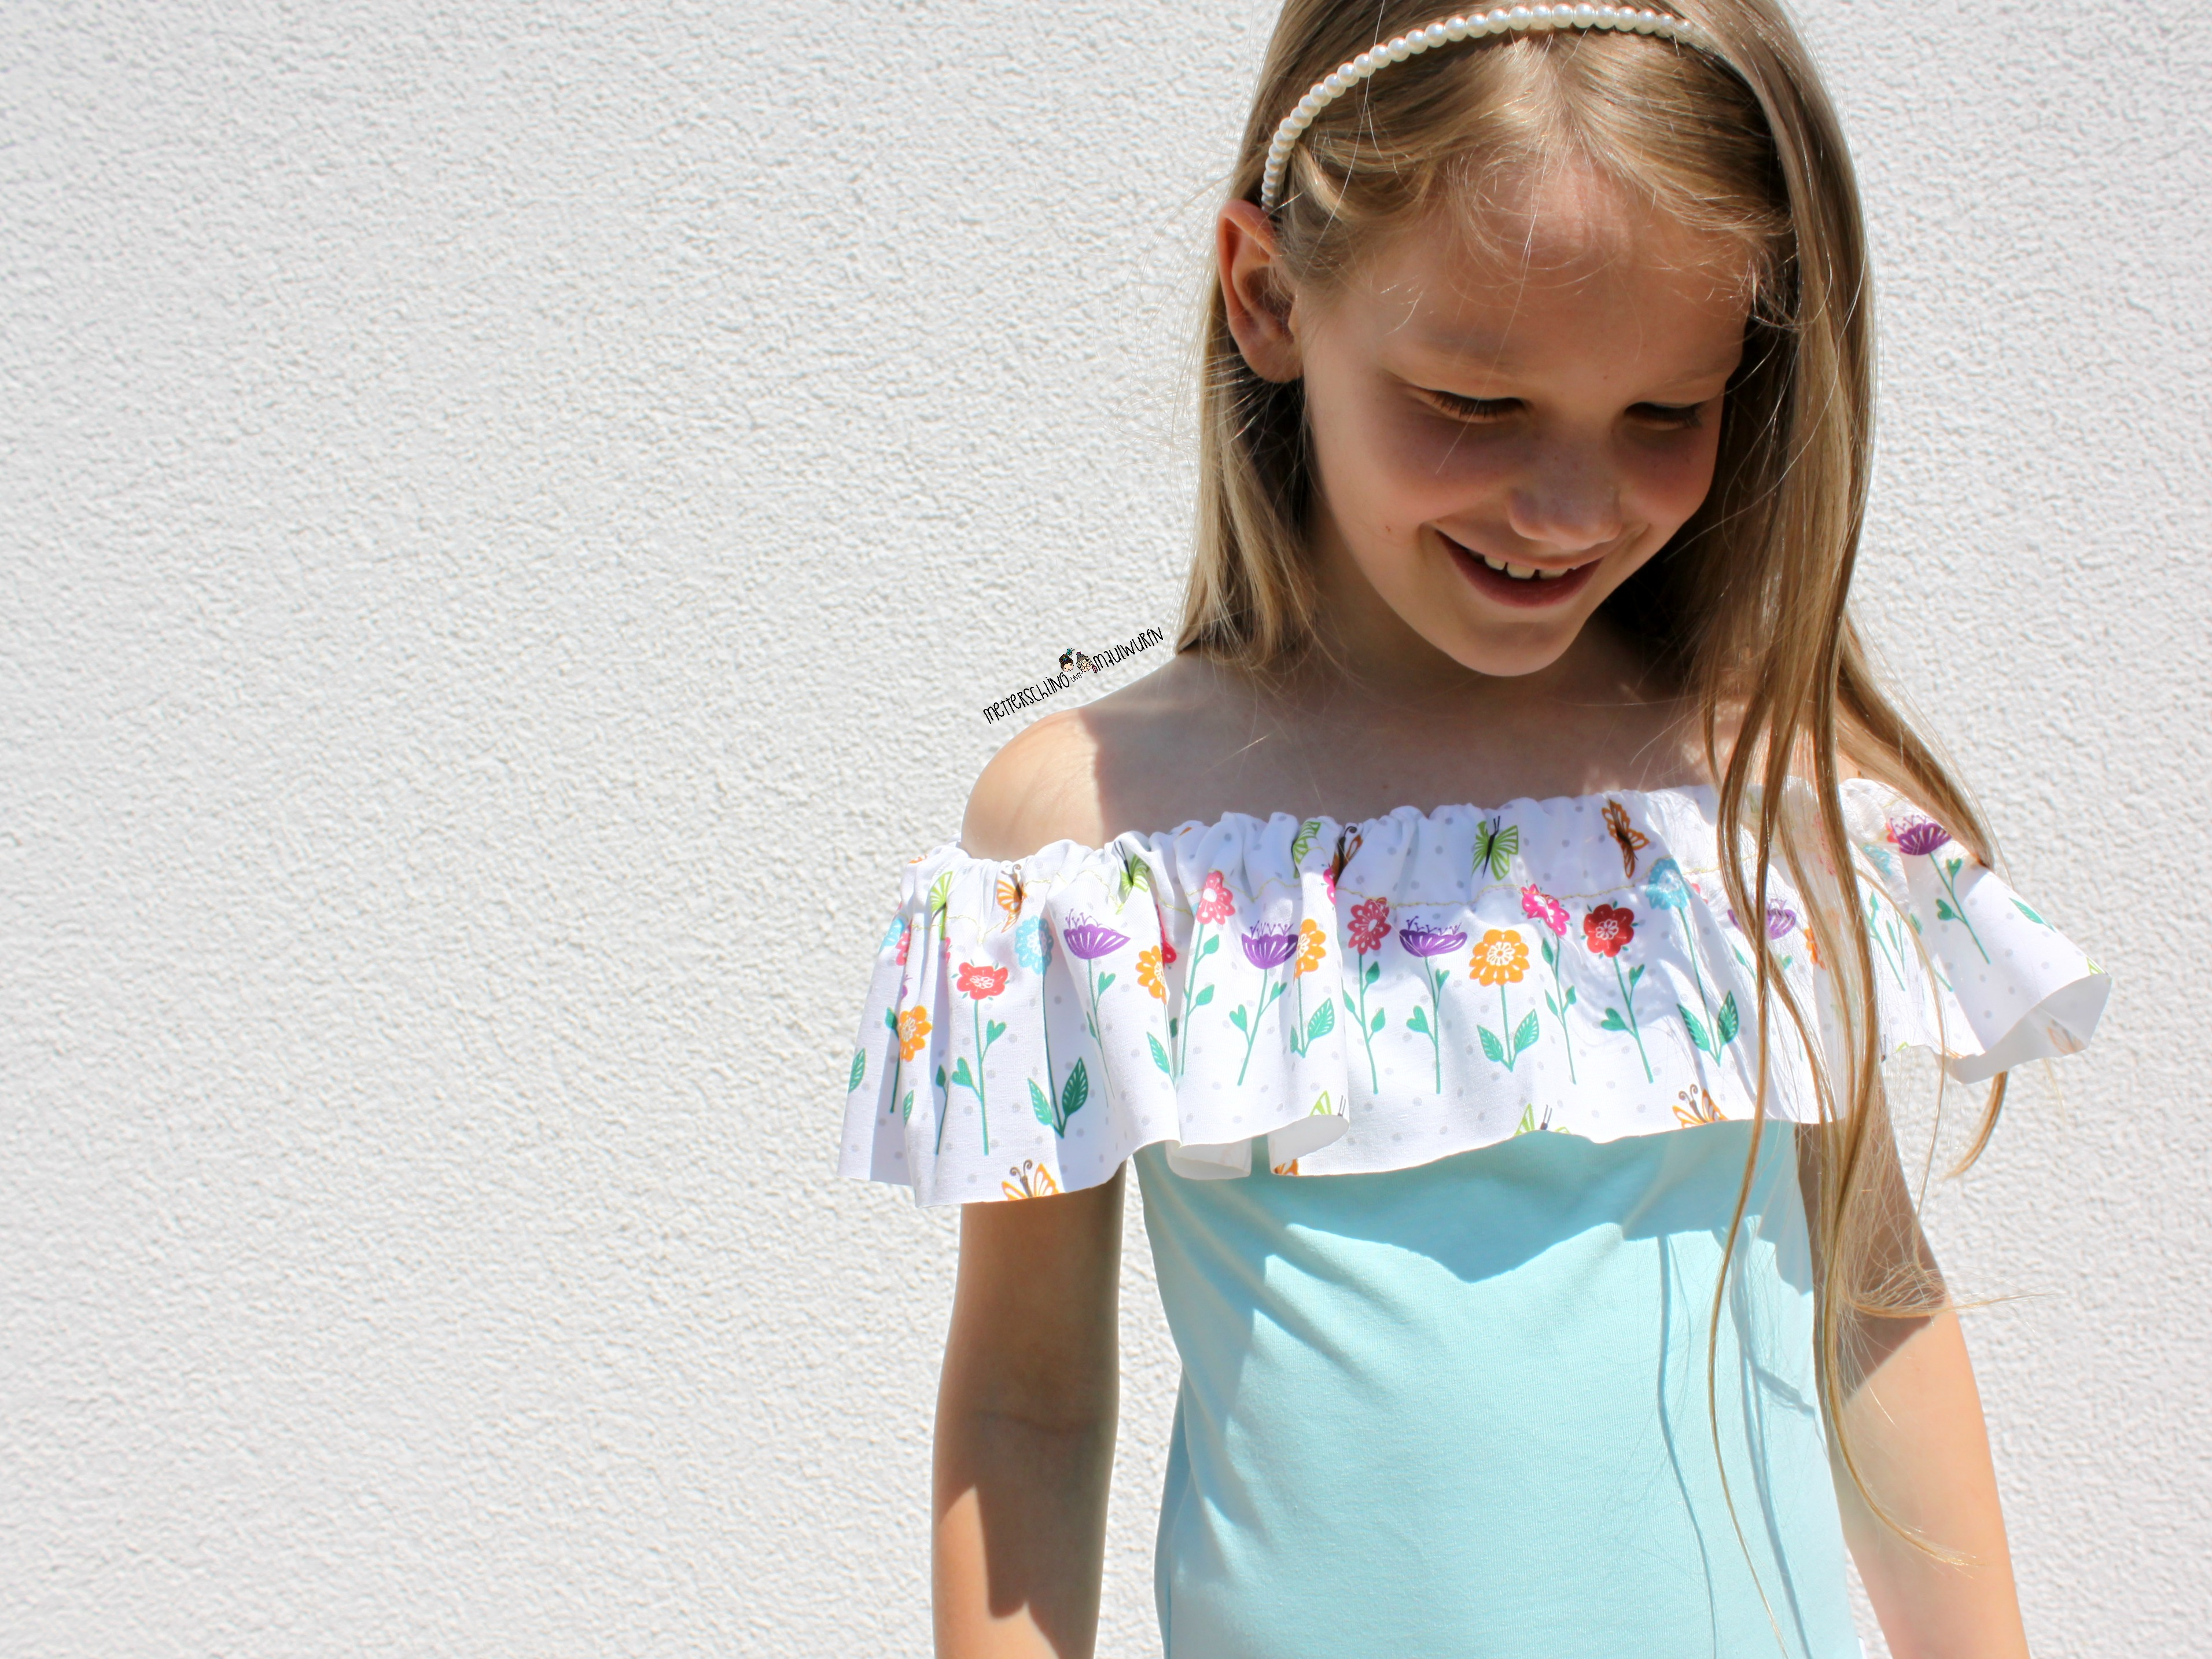 Sommerkleid nСЂС–РІВ¤hen schnittmuster kostenlos